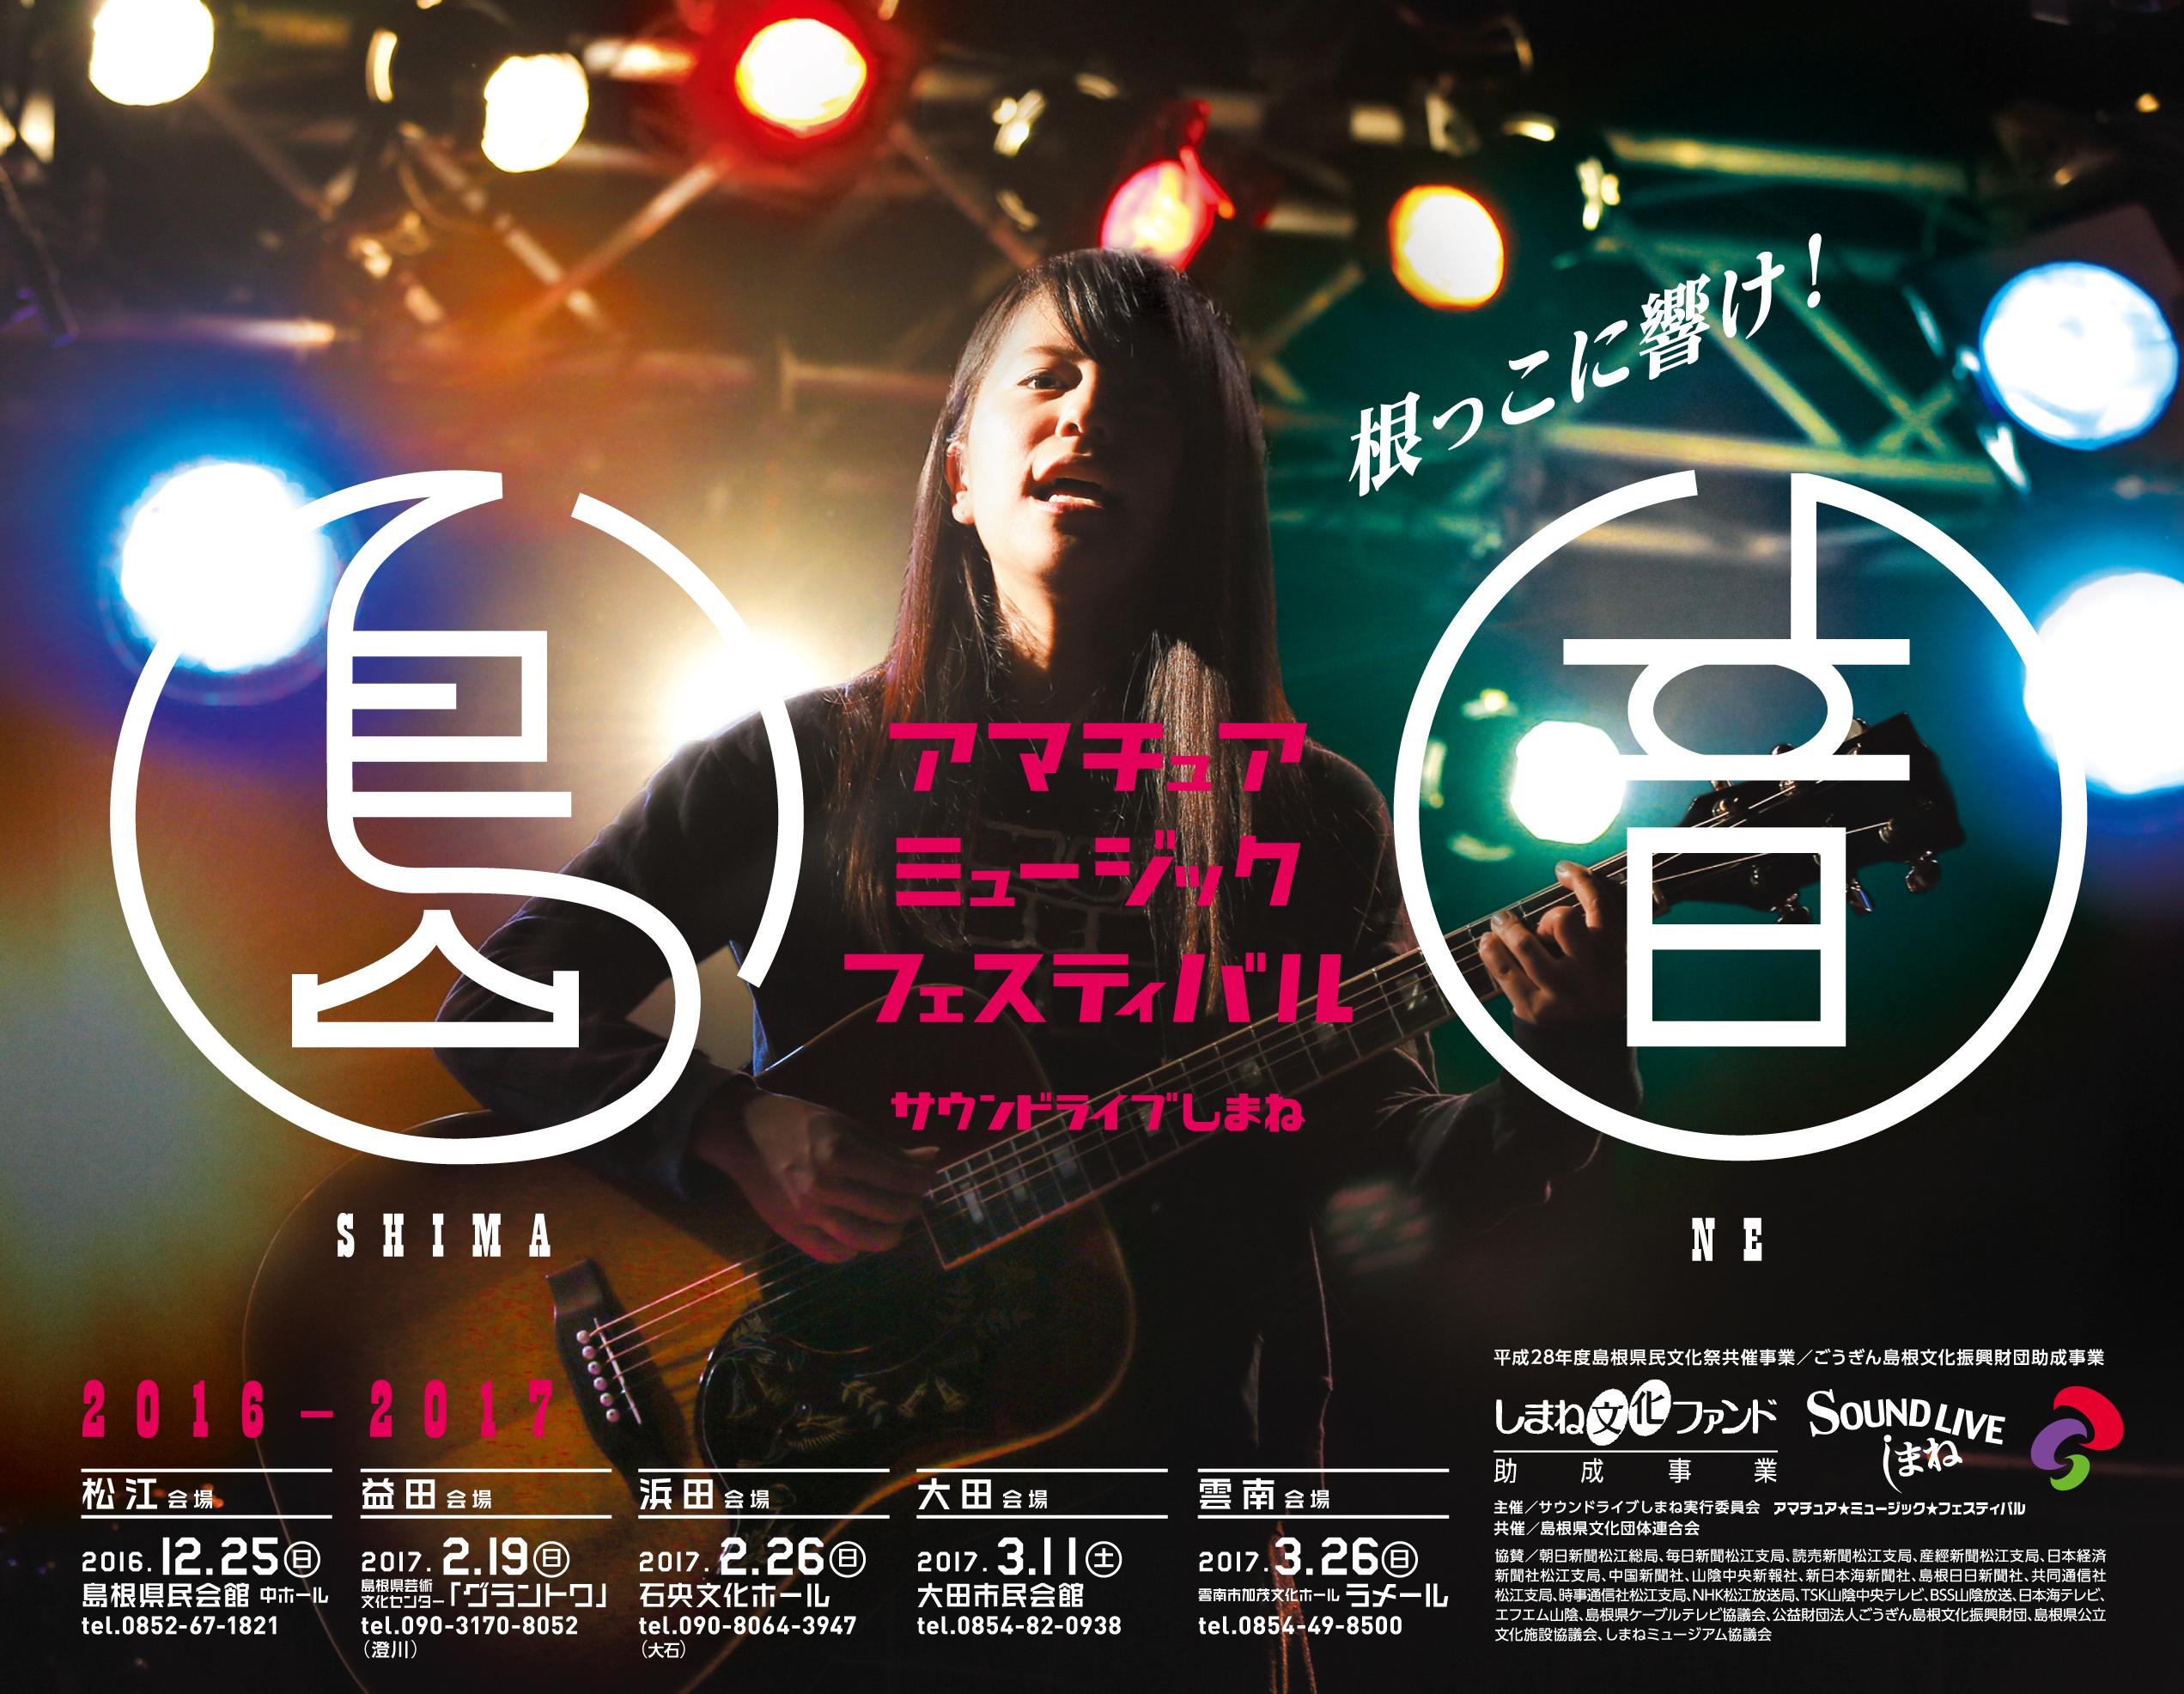 サウンドライブしまね アマチュアミュージックフェスティバル2017in雲南 『雲の音祭り2017』